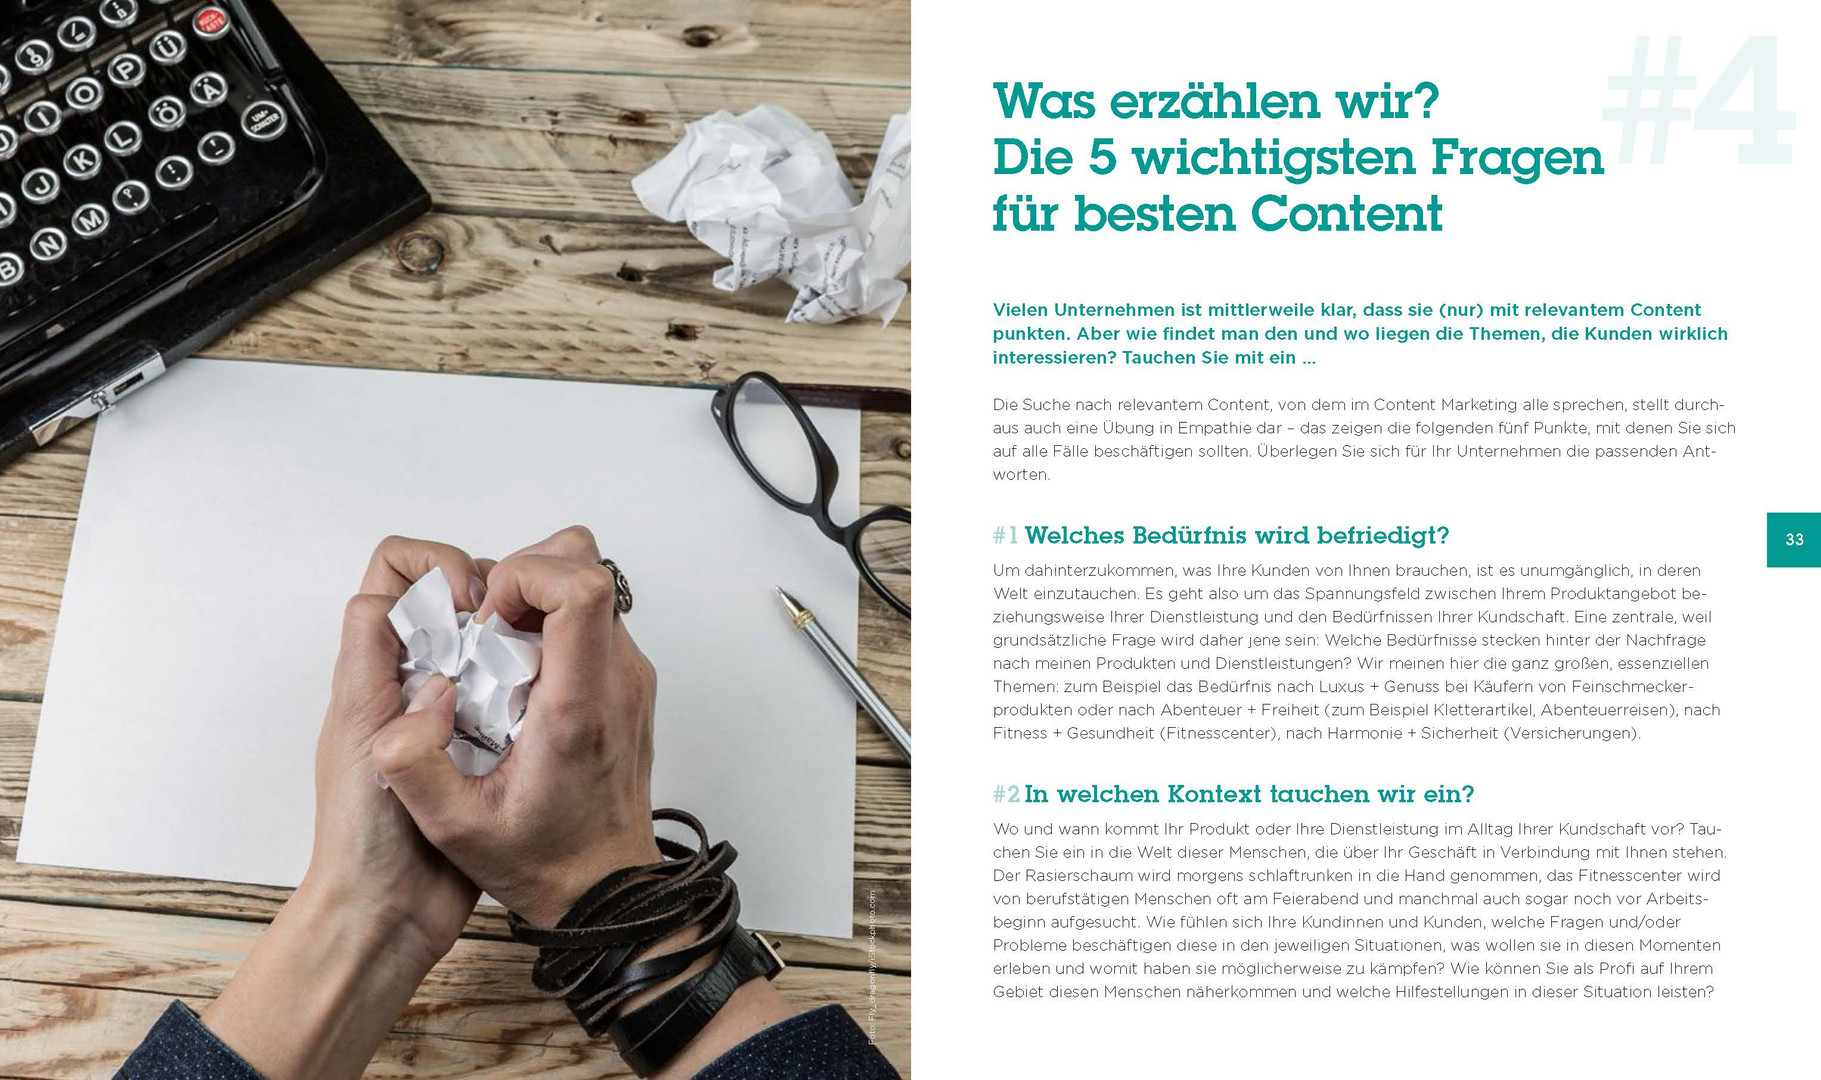 Fresh Content - 5 Fragen